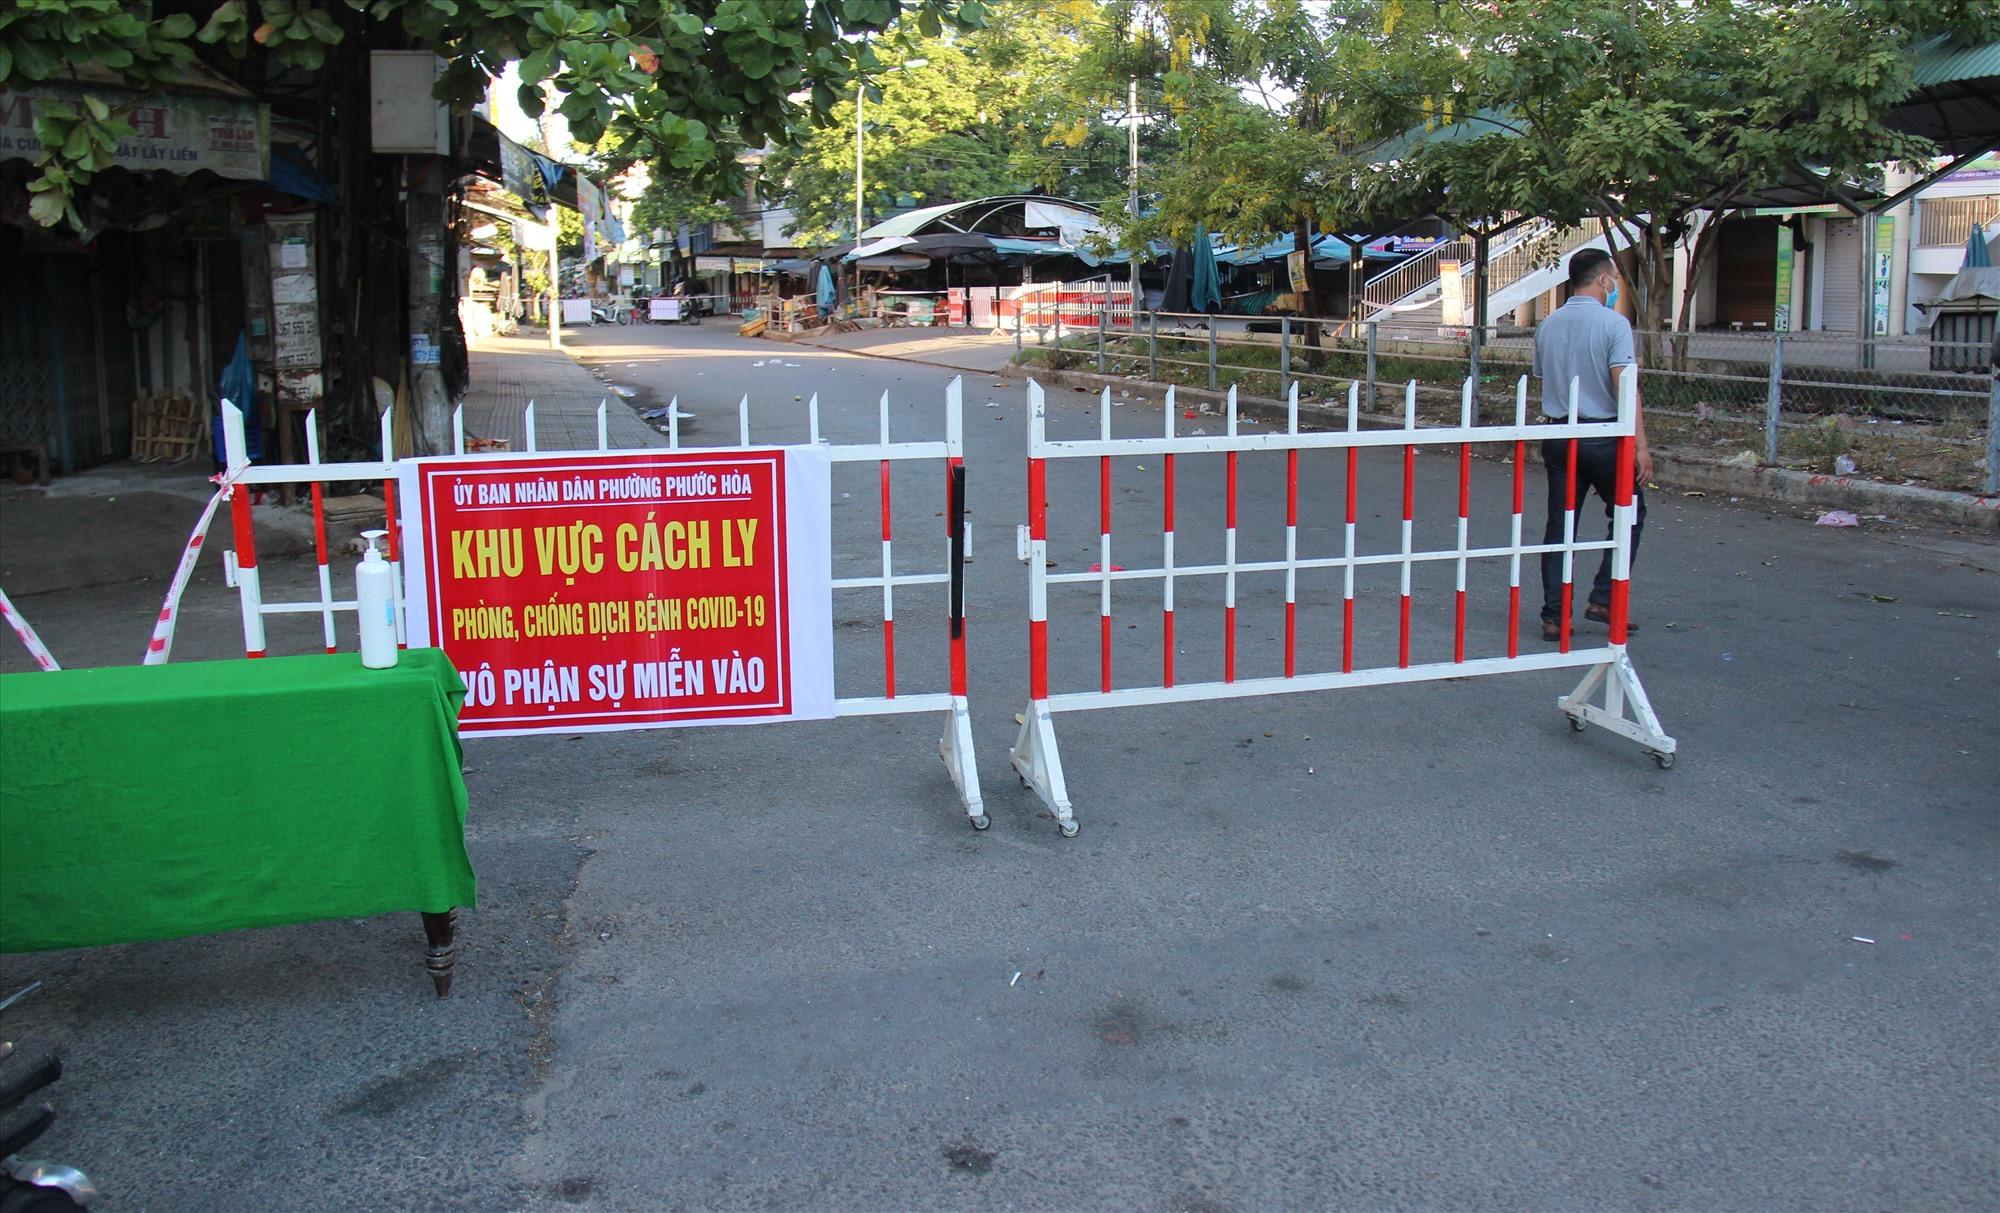 Hàng rào cách ly được dựng lên vào tối 8.8. Ảnh: THANH THẮNG